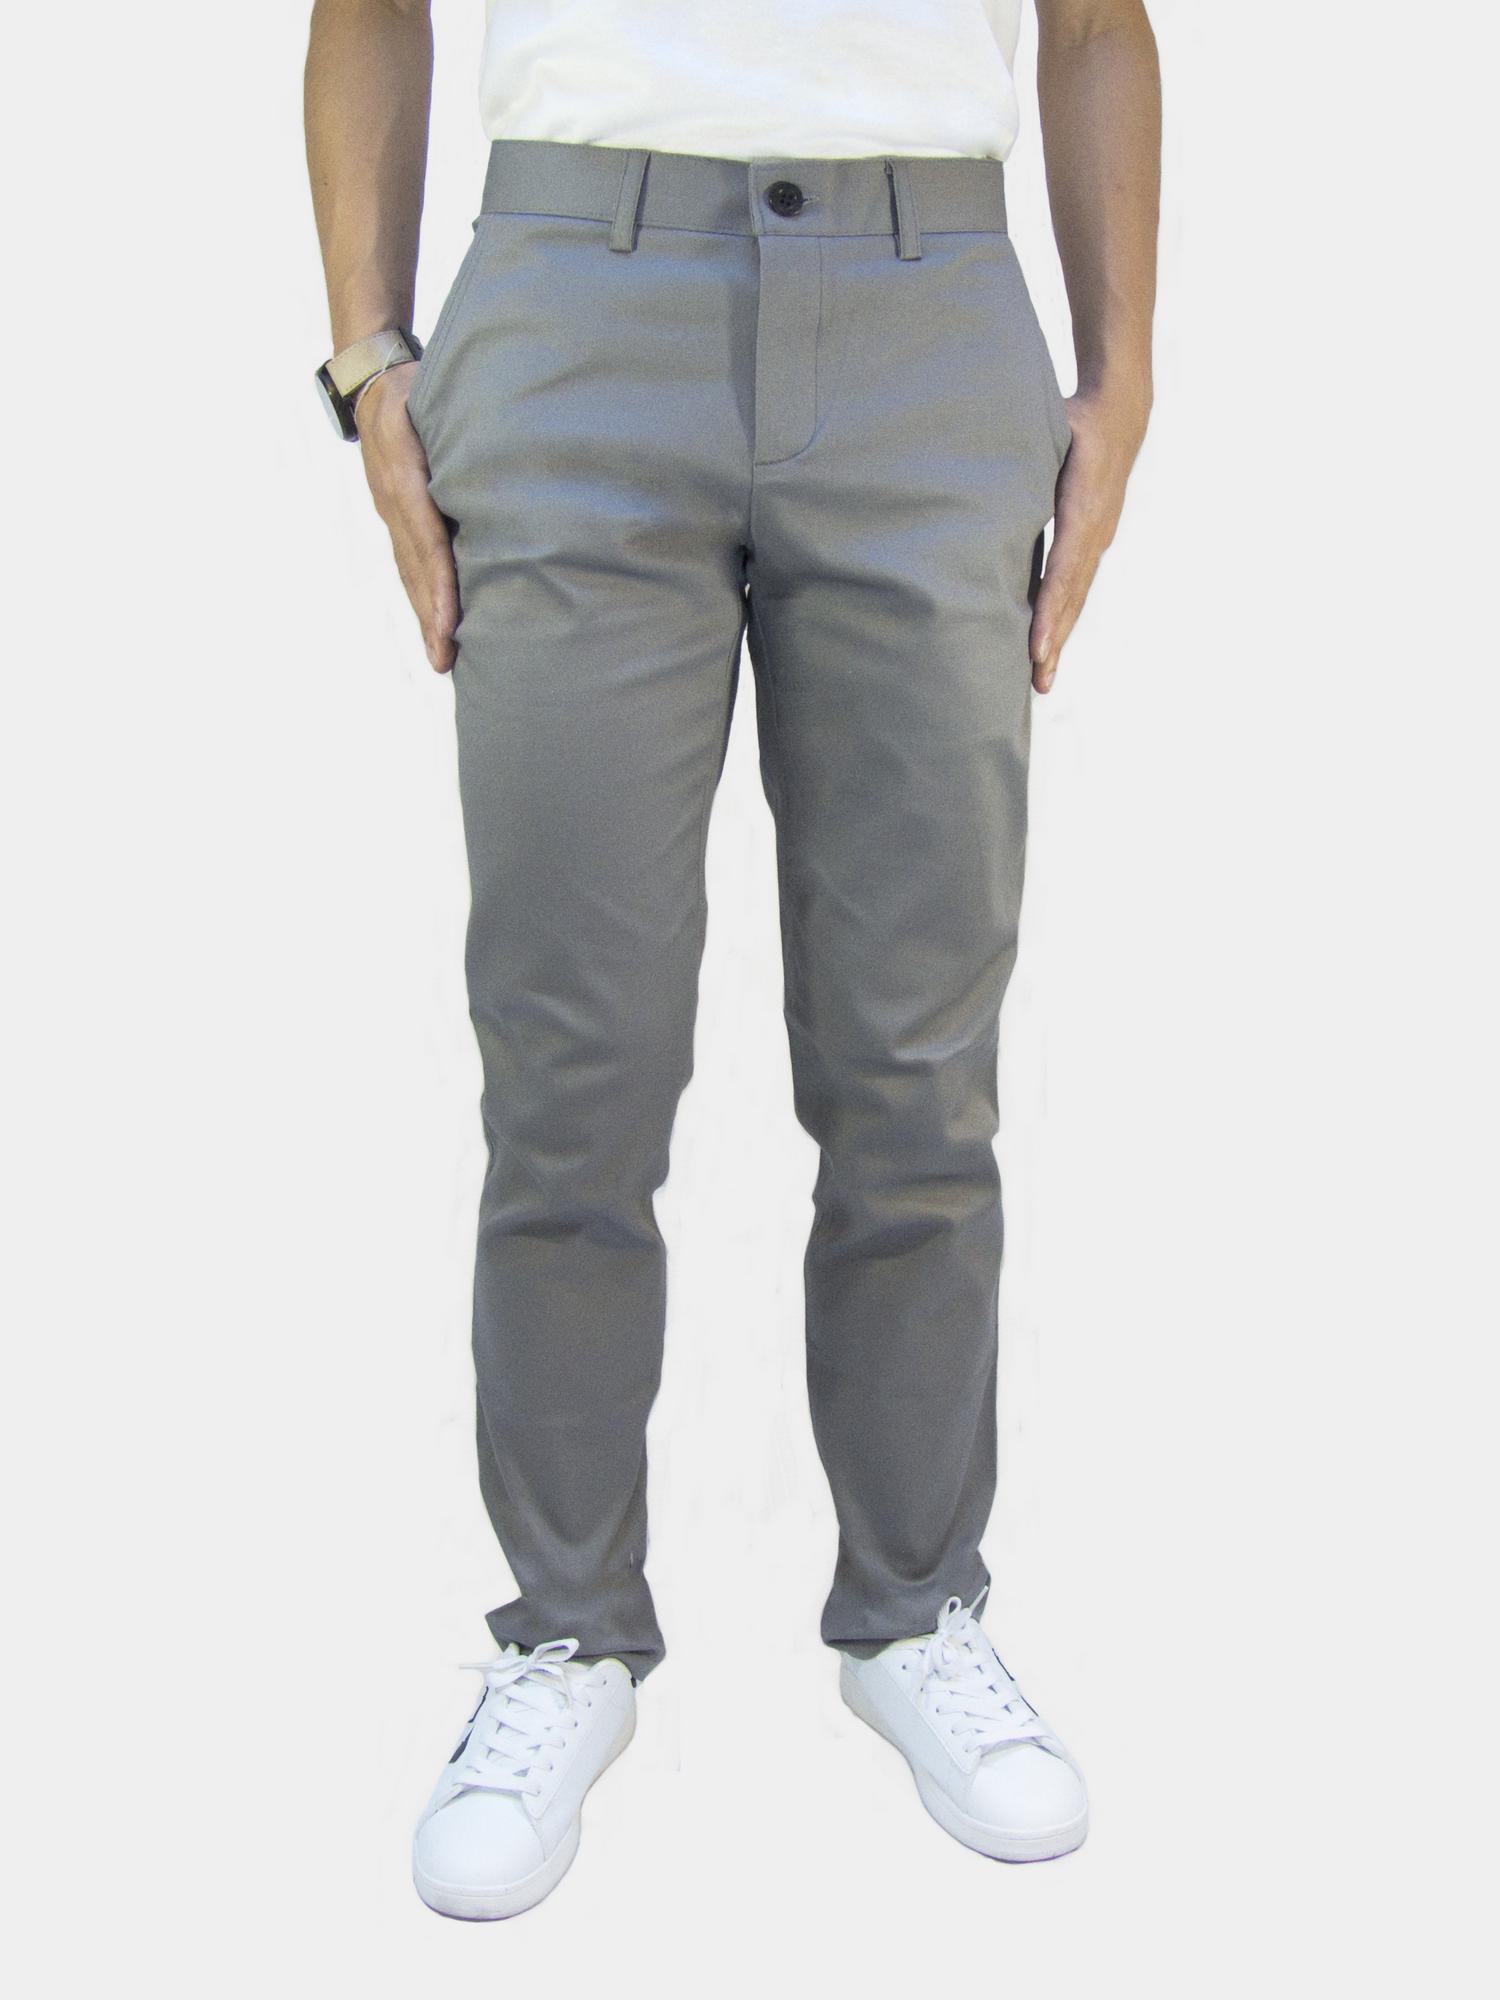 กางเกงขายาว กางเกงชิโน่ ผ้ายืด สีเทาอ่อน